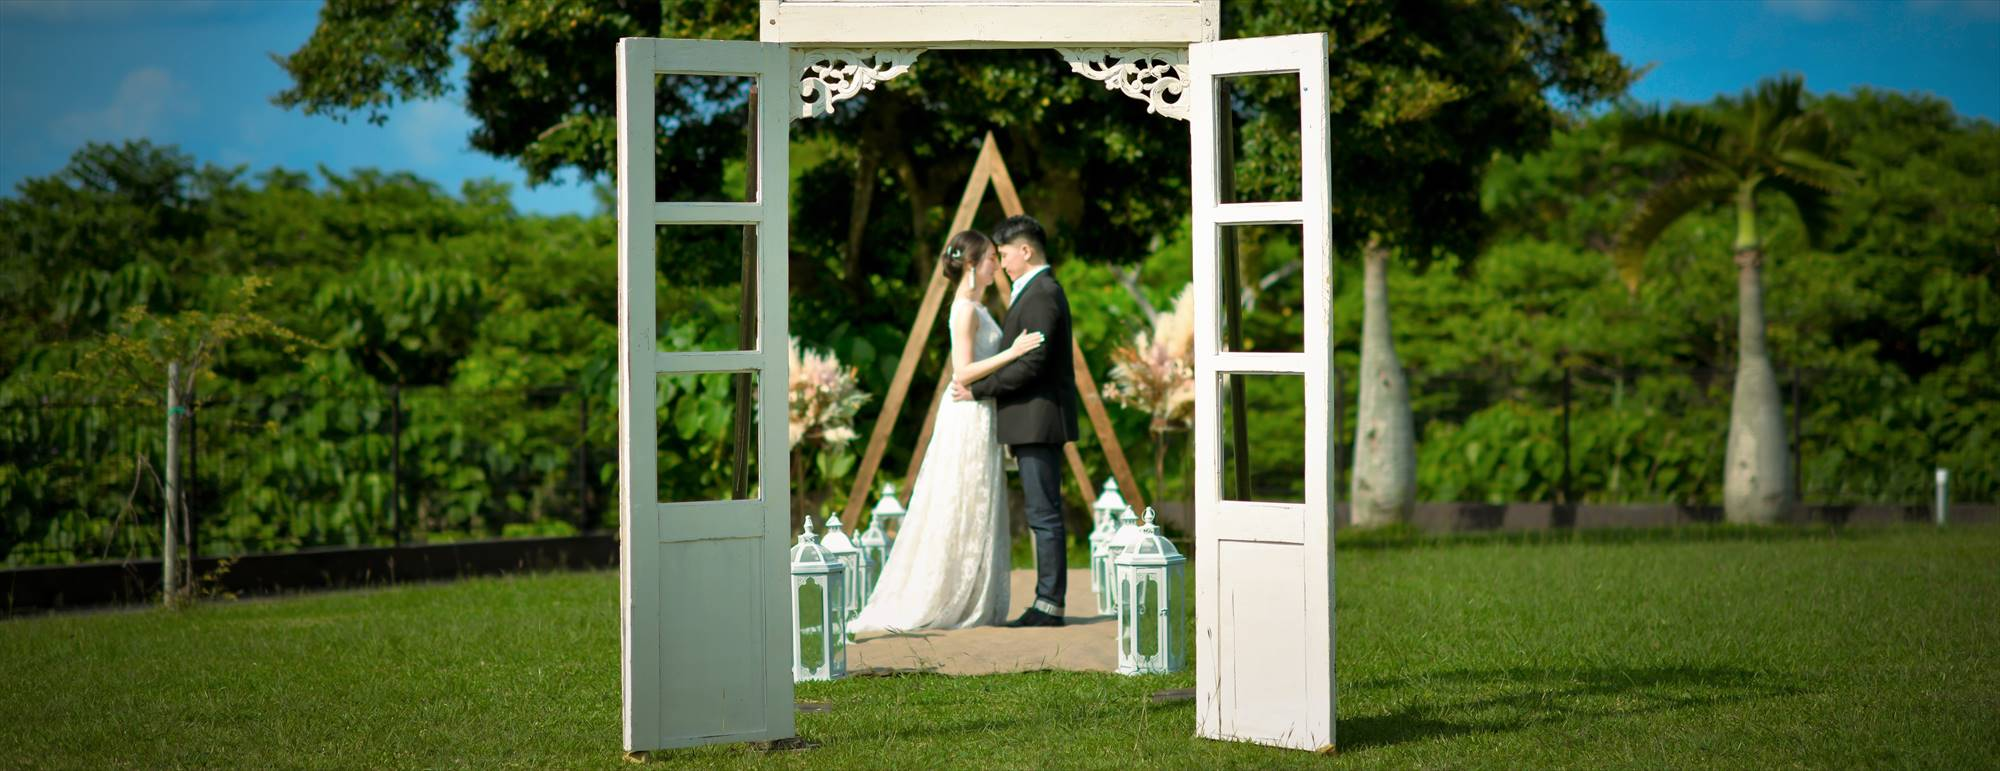 沖縄石垣島ガーデン・ウェディング Ishigaki Island Okinawa Kaiho Kabira Garden Wedding ホテル海邦川平 挙式